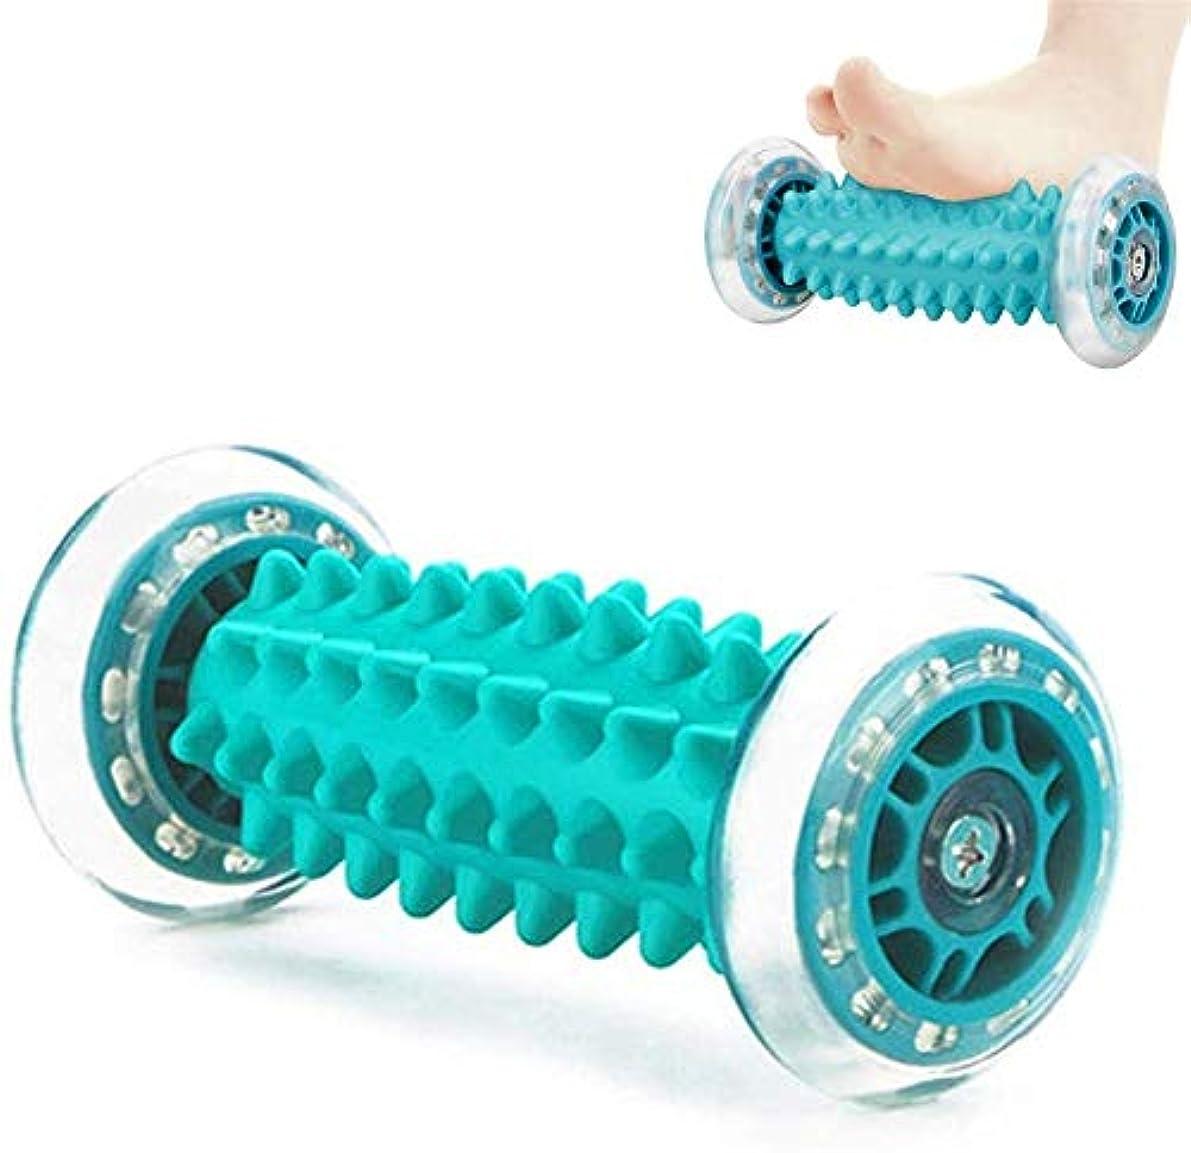 モジュール起訴する欠陥フットマッサージローラー、足や手のマッサージ救済ストレスとリラクゼーションマッサージ足底筋膜炎、ヒール&フットアーチの痛みのためのフットバック脚ハンドタイトな筋肉をリラックス